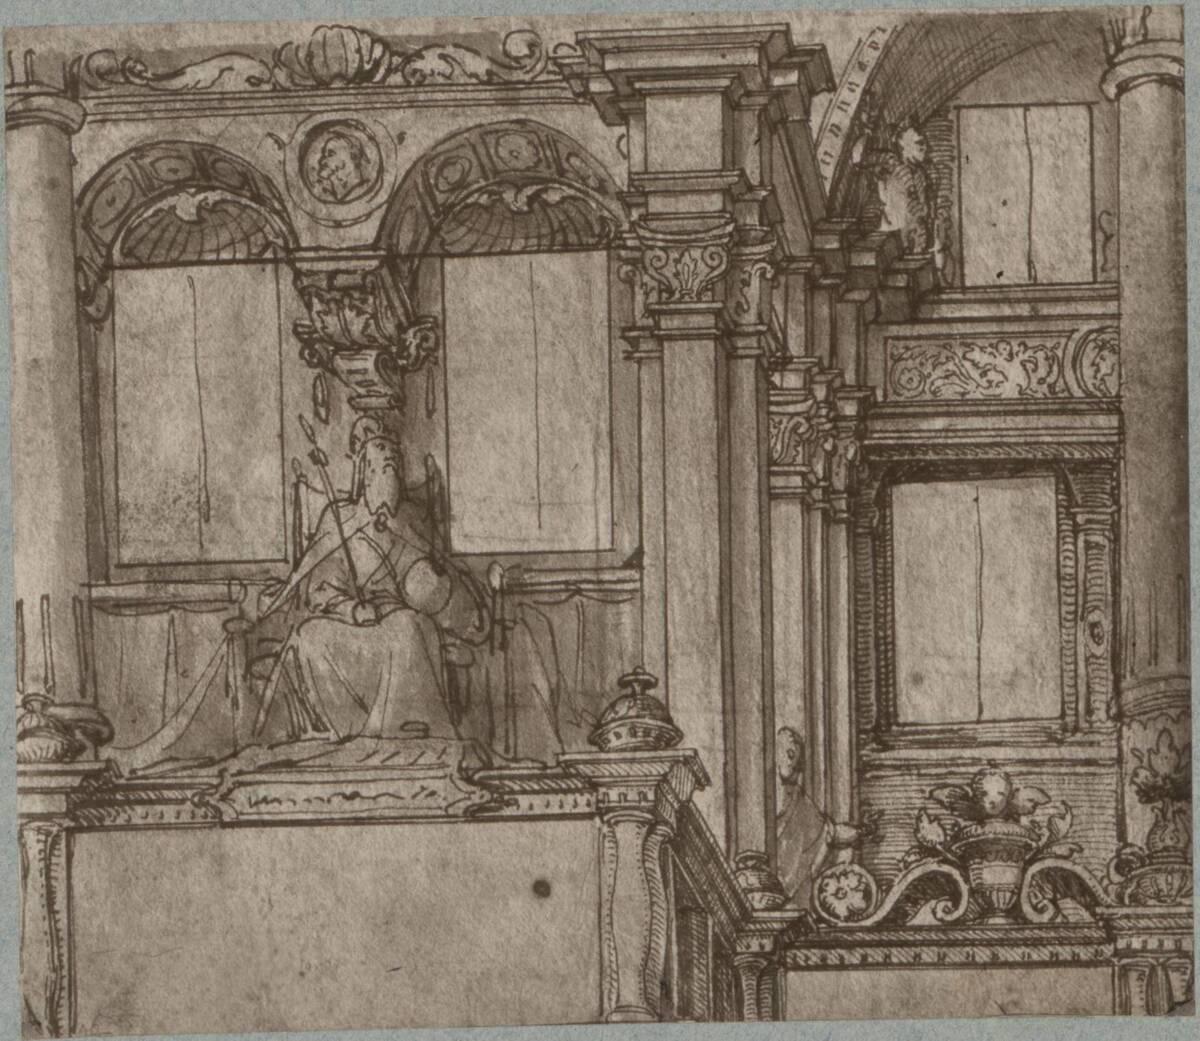 Fotografie einer Entwurfszeichnung für eine Fassade, von Hans Holbein (vermutlich der Jüngere) (vom Bearbeiter vergebener Titel) von Ad. Braun & Cie.